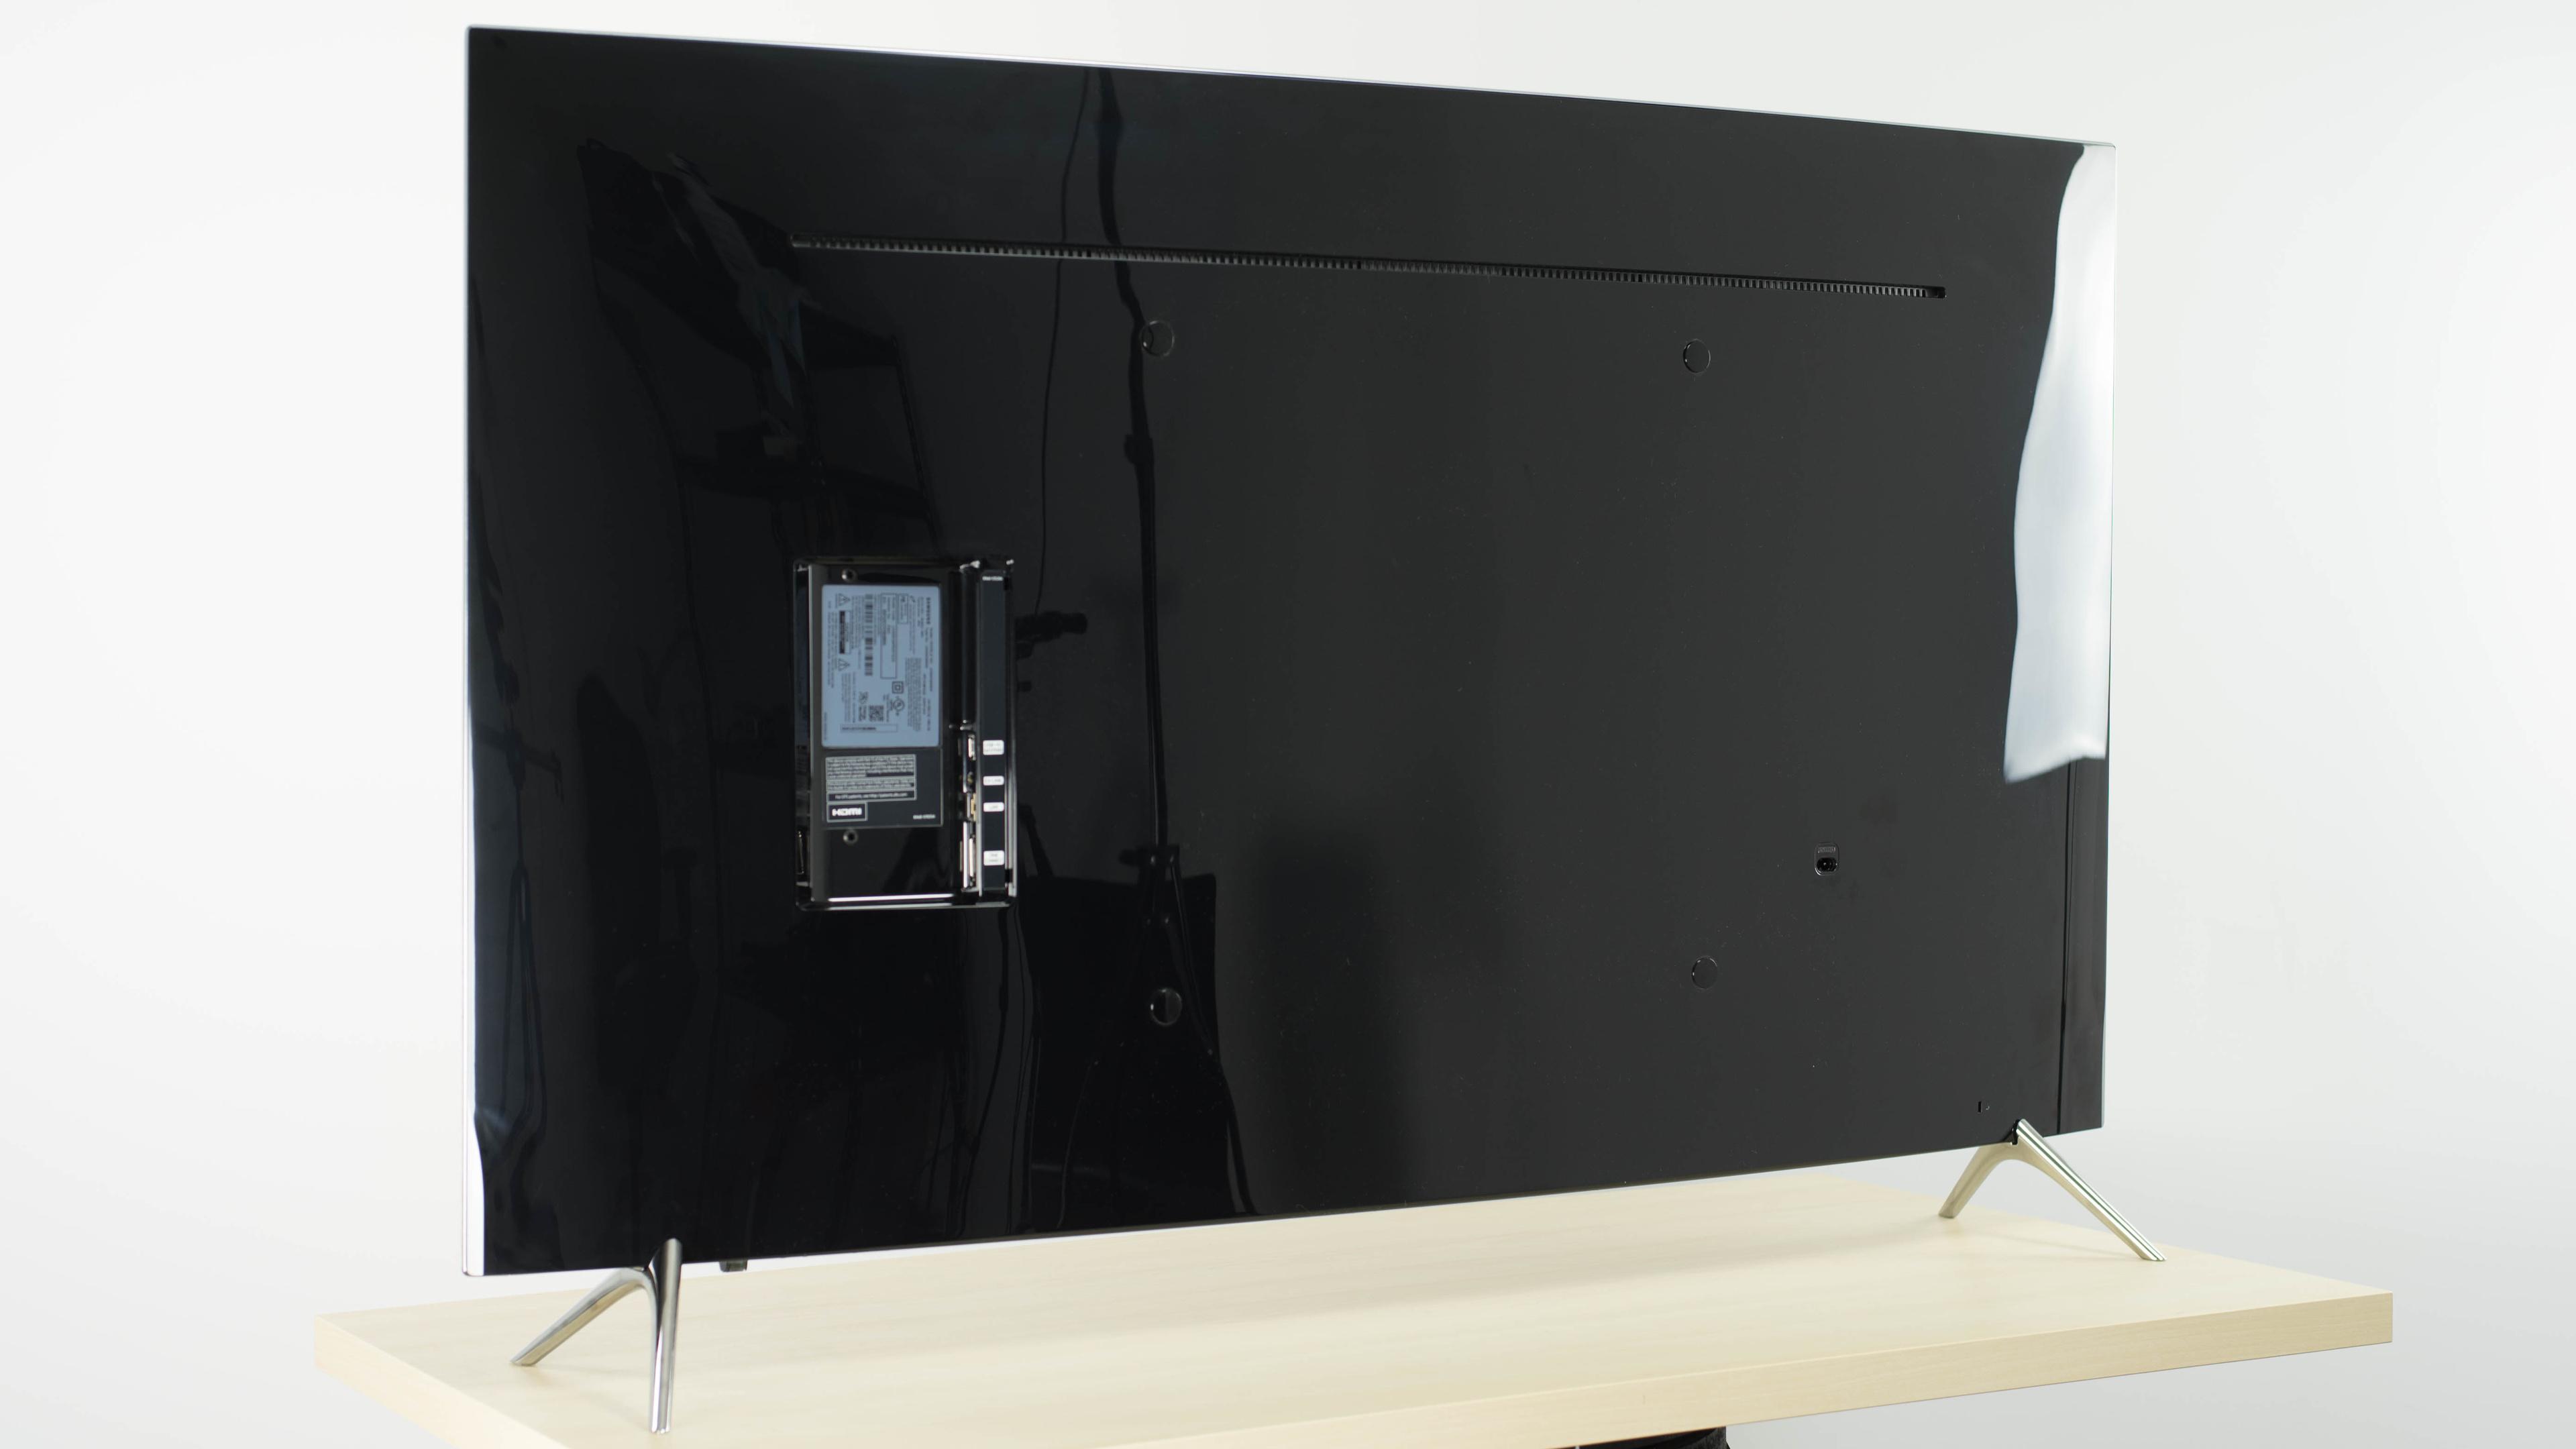 Samsung Ks8500 Review Un49ks8500 Un55ks8500 Un65ks8500